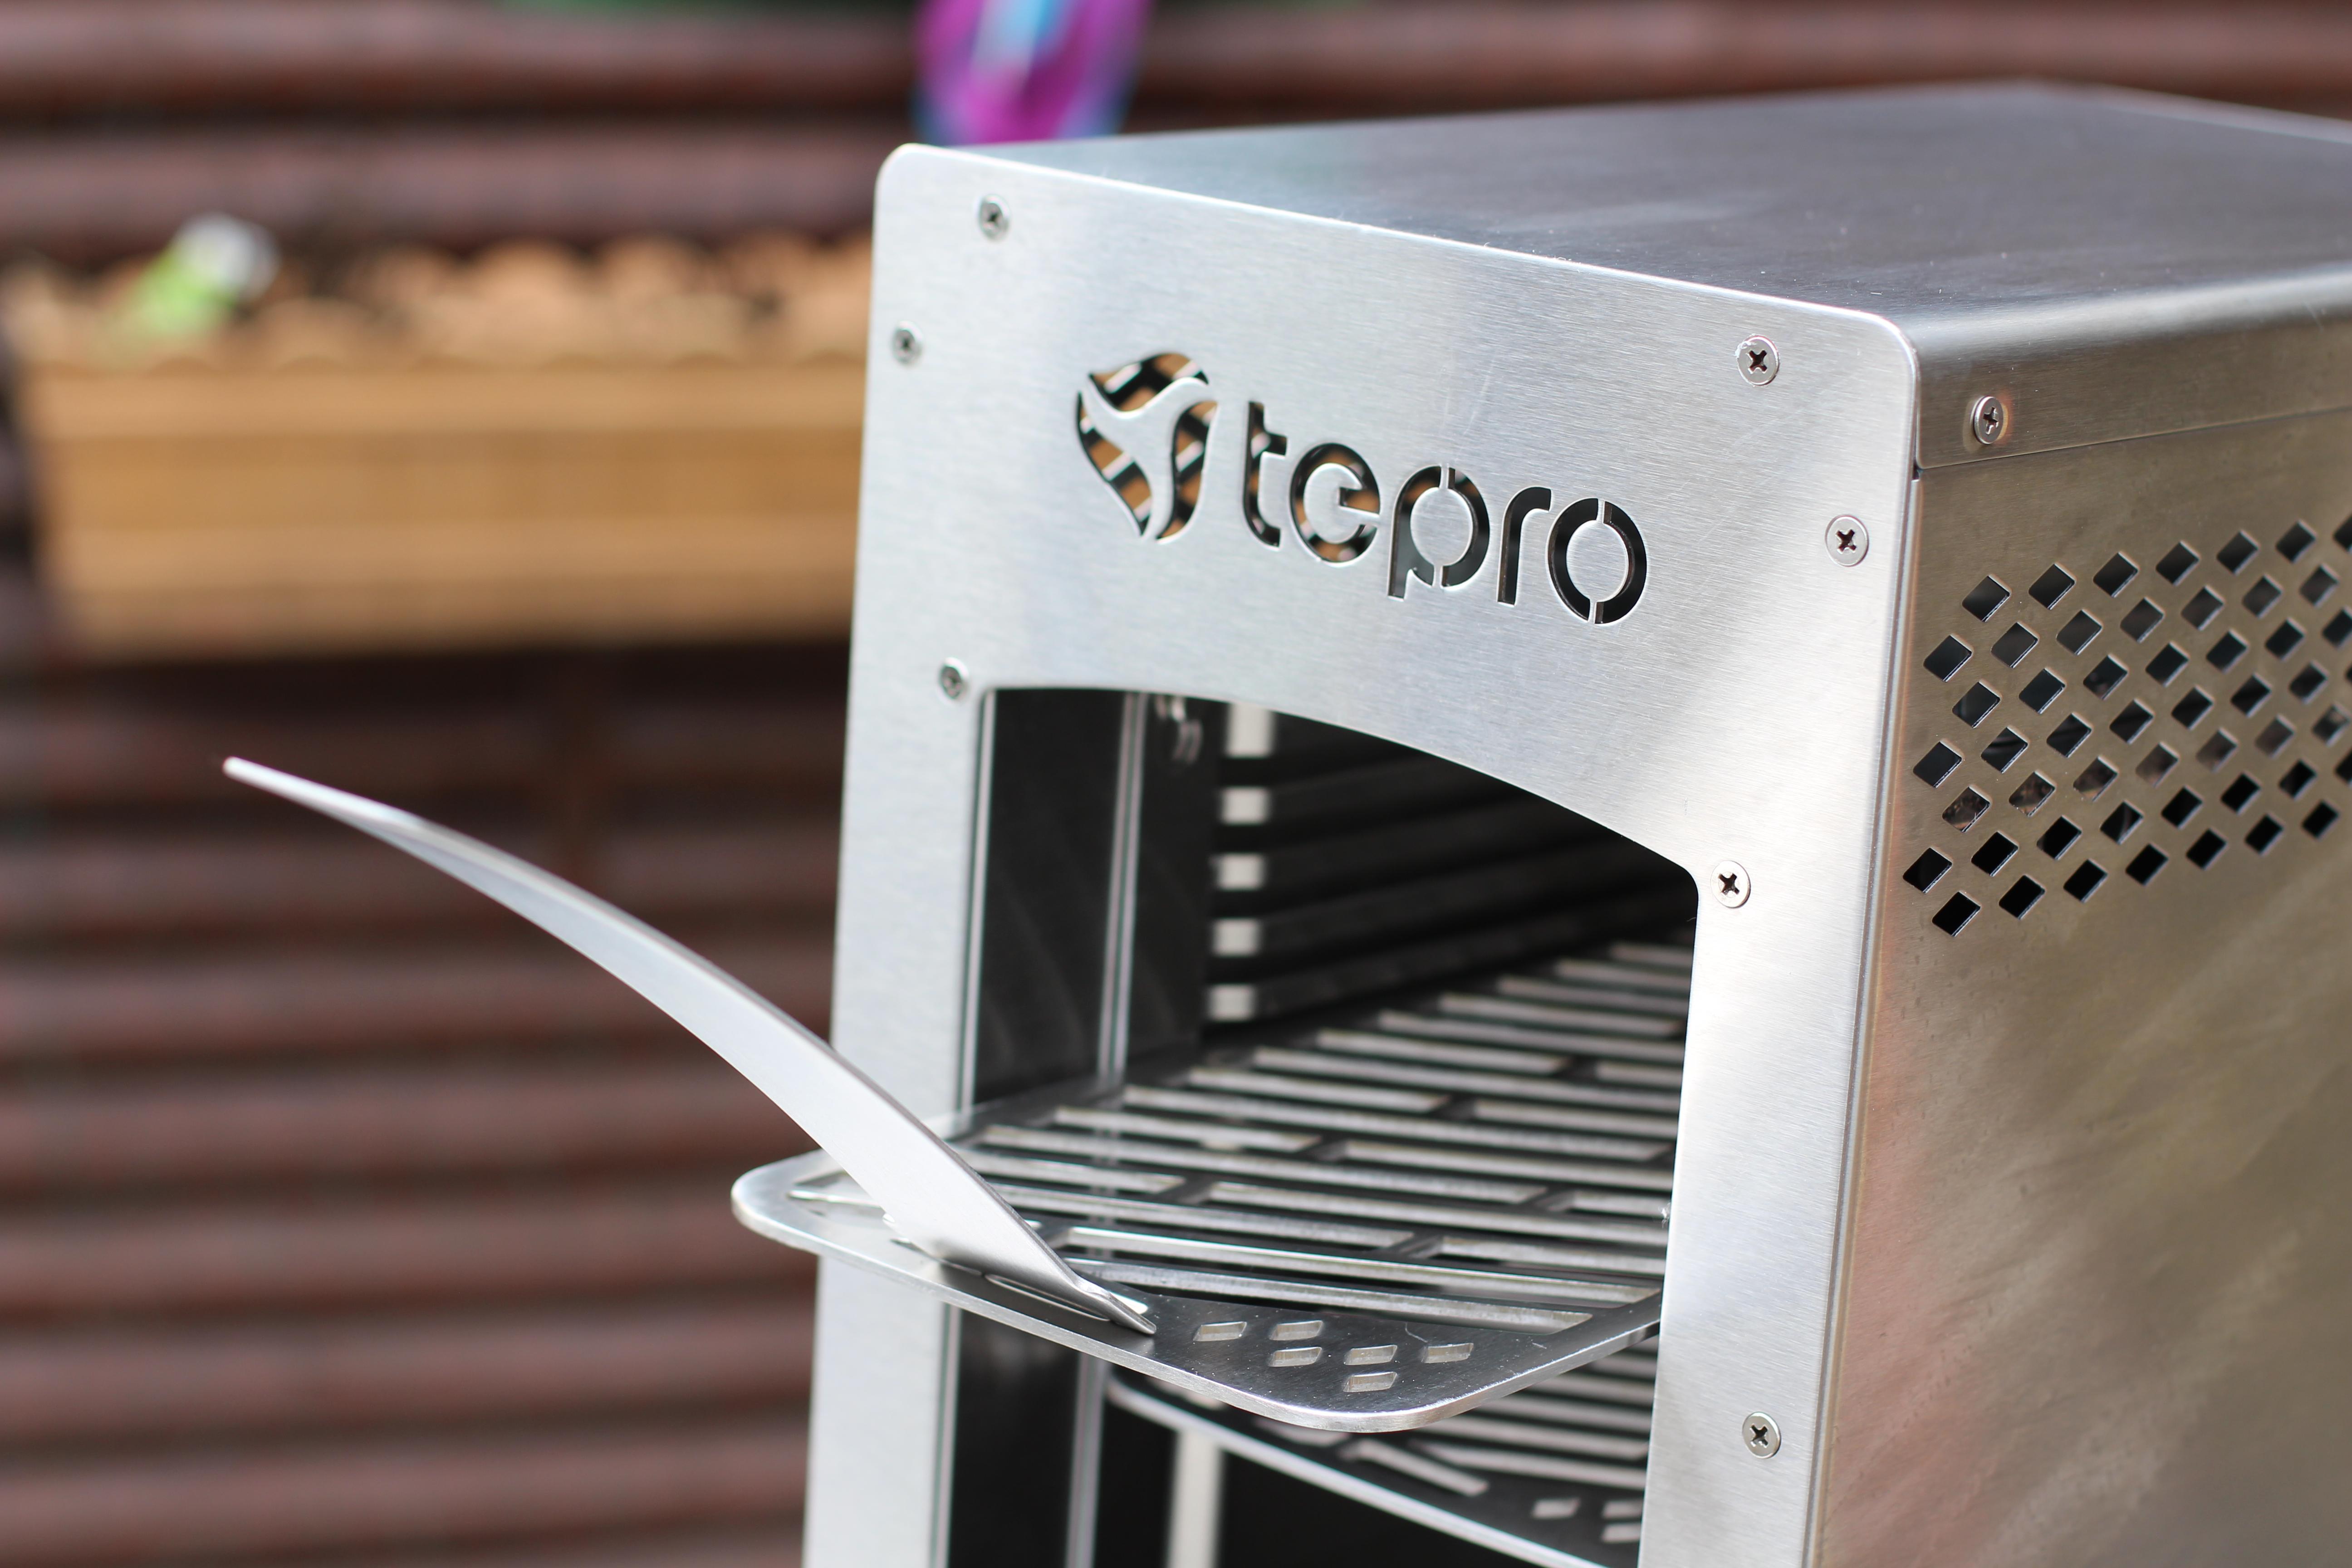 Tepro Toronto Holzkohlegrill Aufbauanleitung : Tepro toronto steakgrill oberhitzegrills im test erfahrungen und